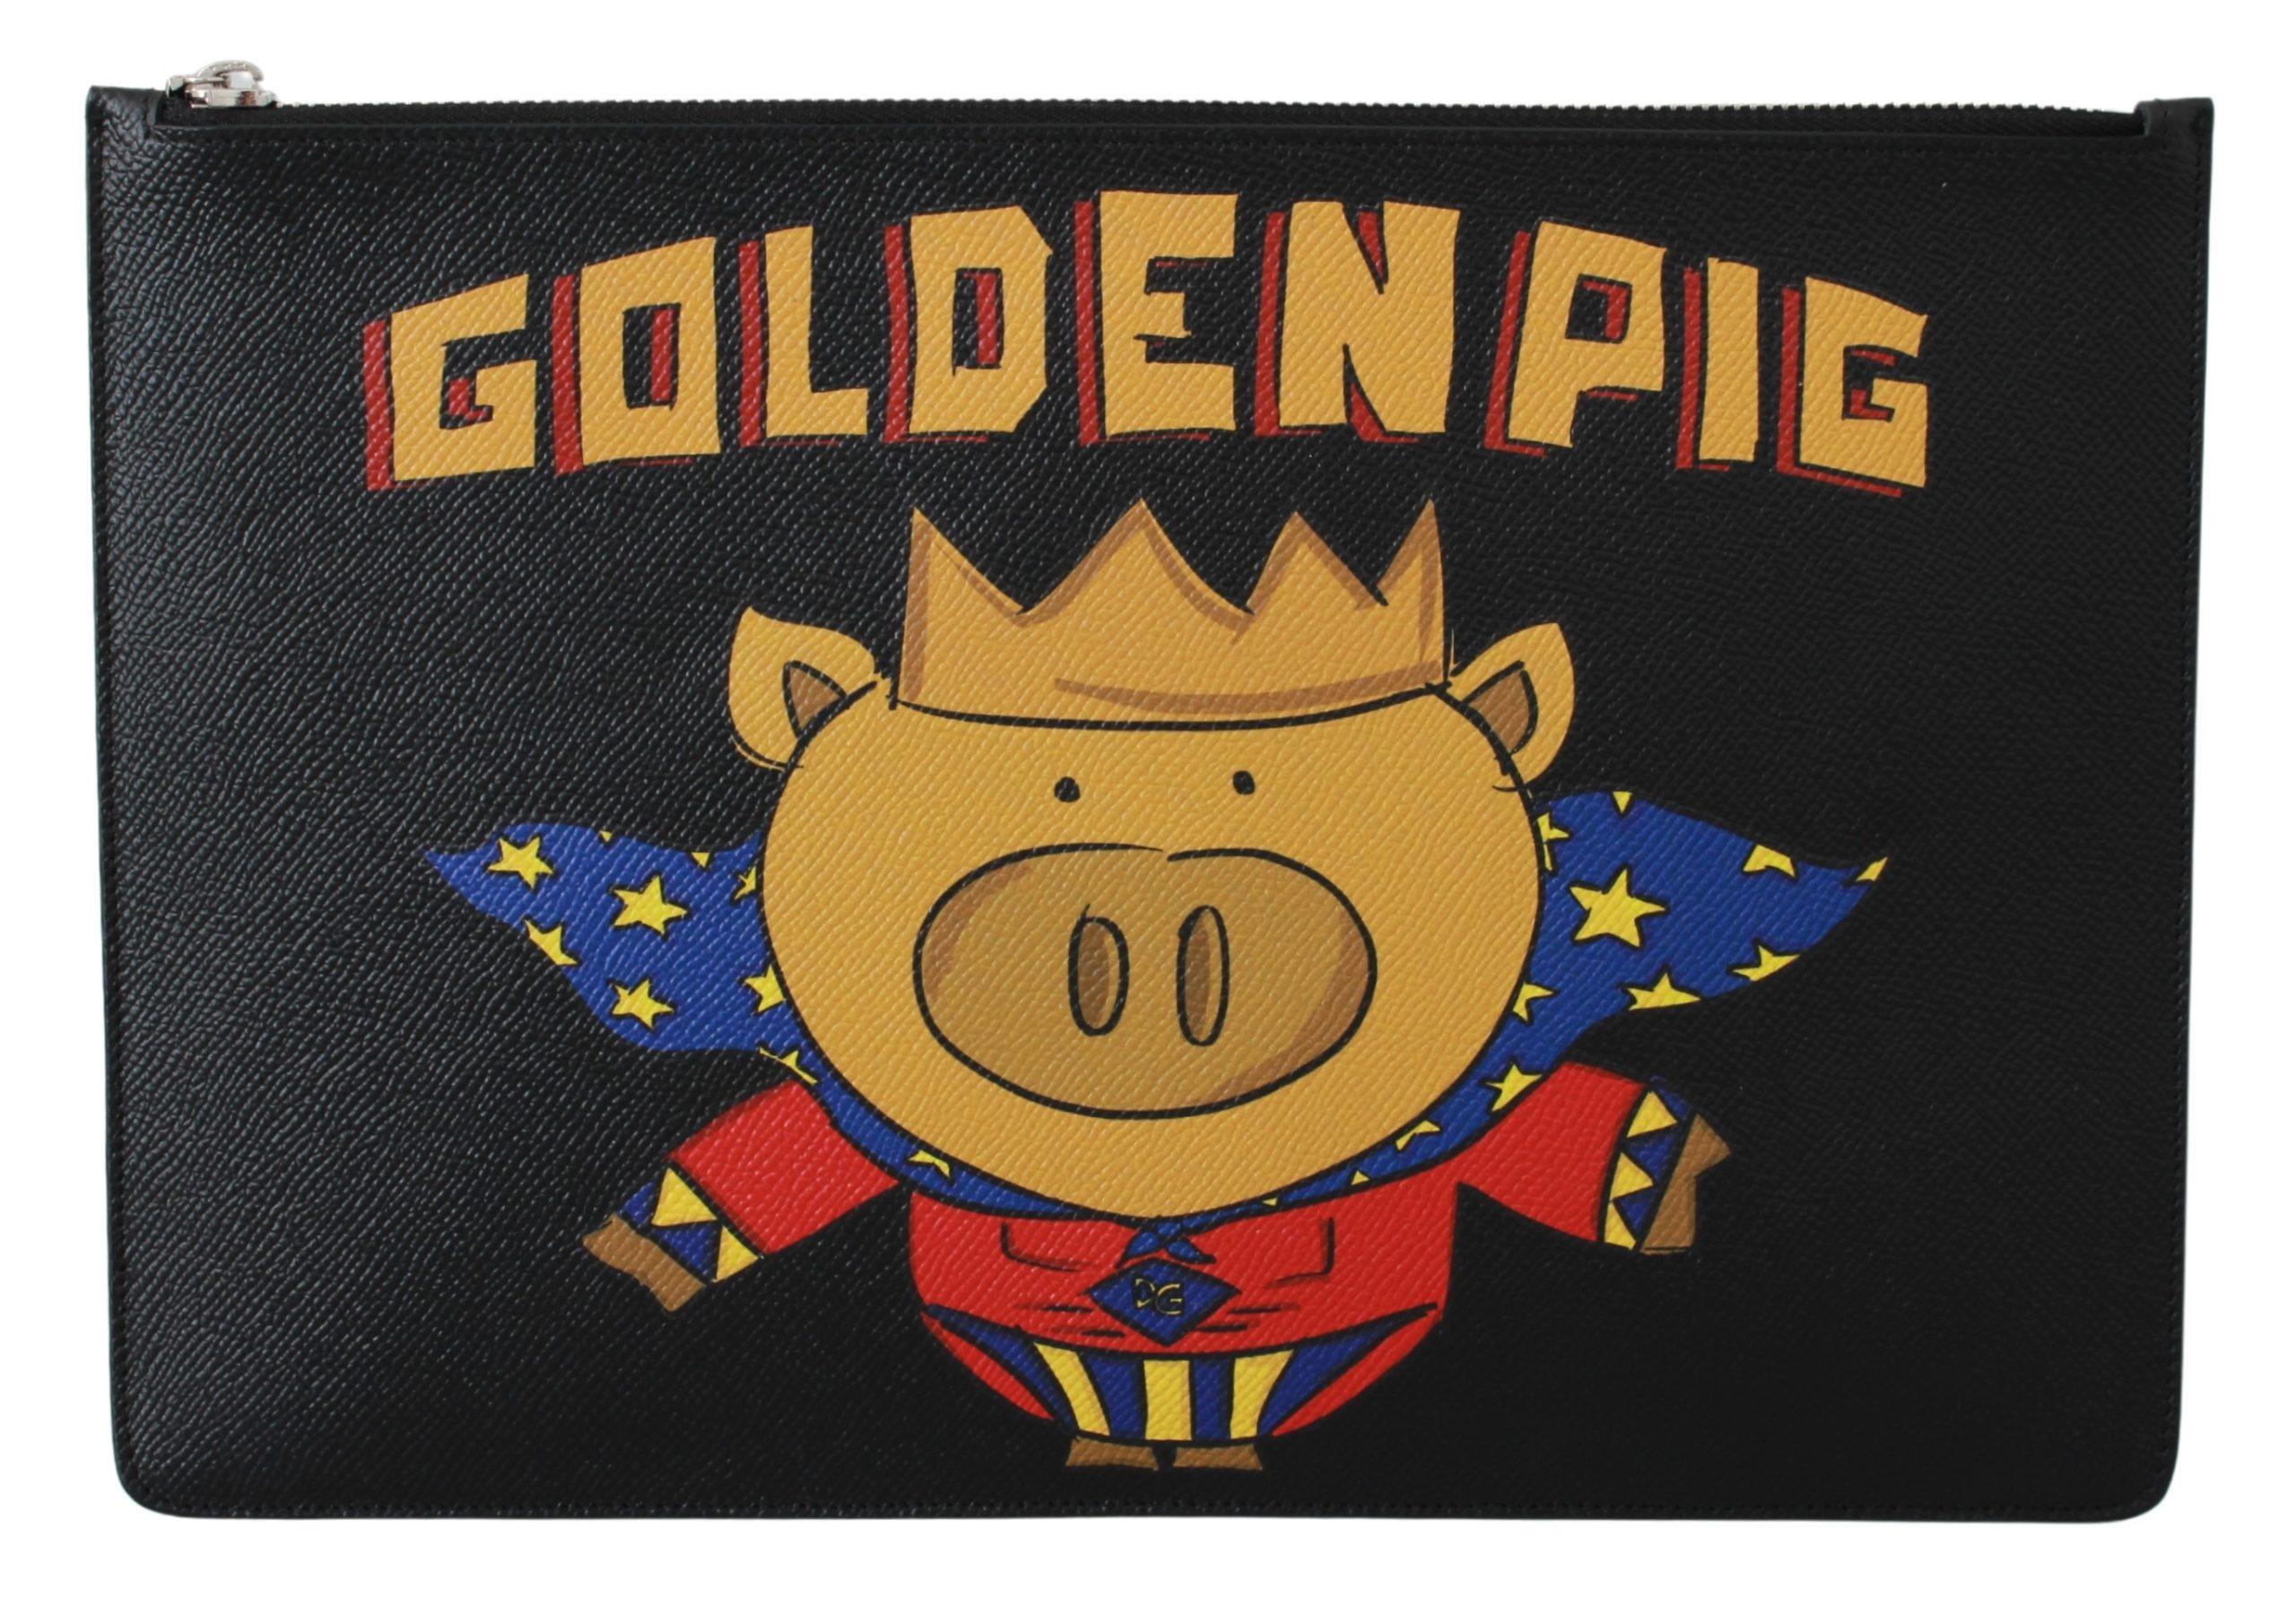 Dolce & Gabbana Men's Golden Pig Leather Messenger Bag Black VAS9492